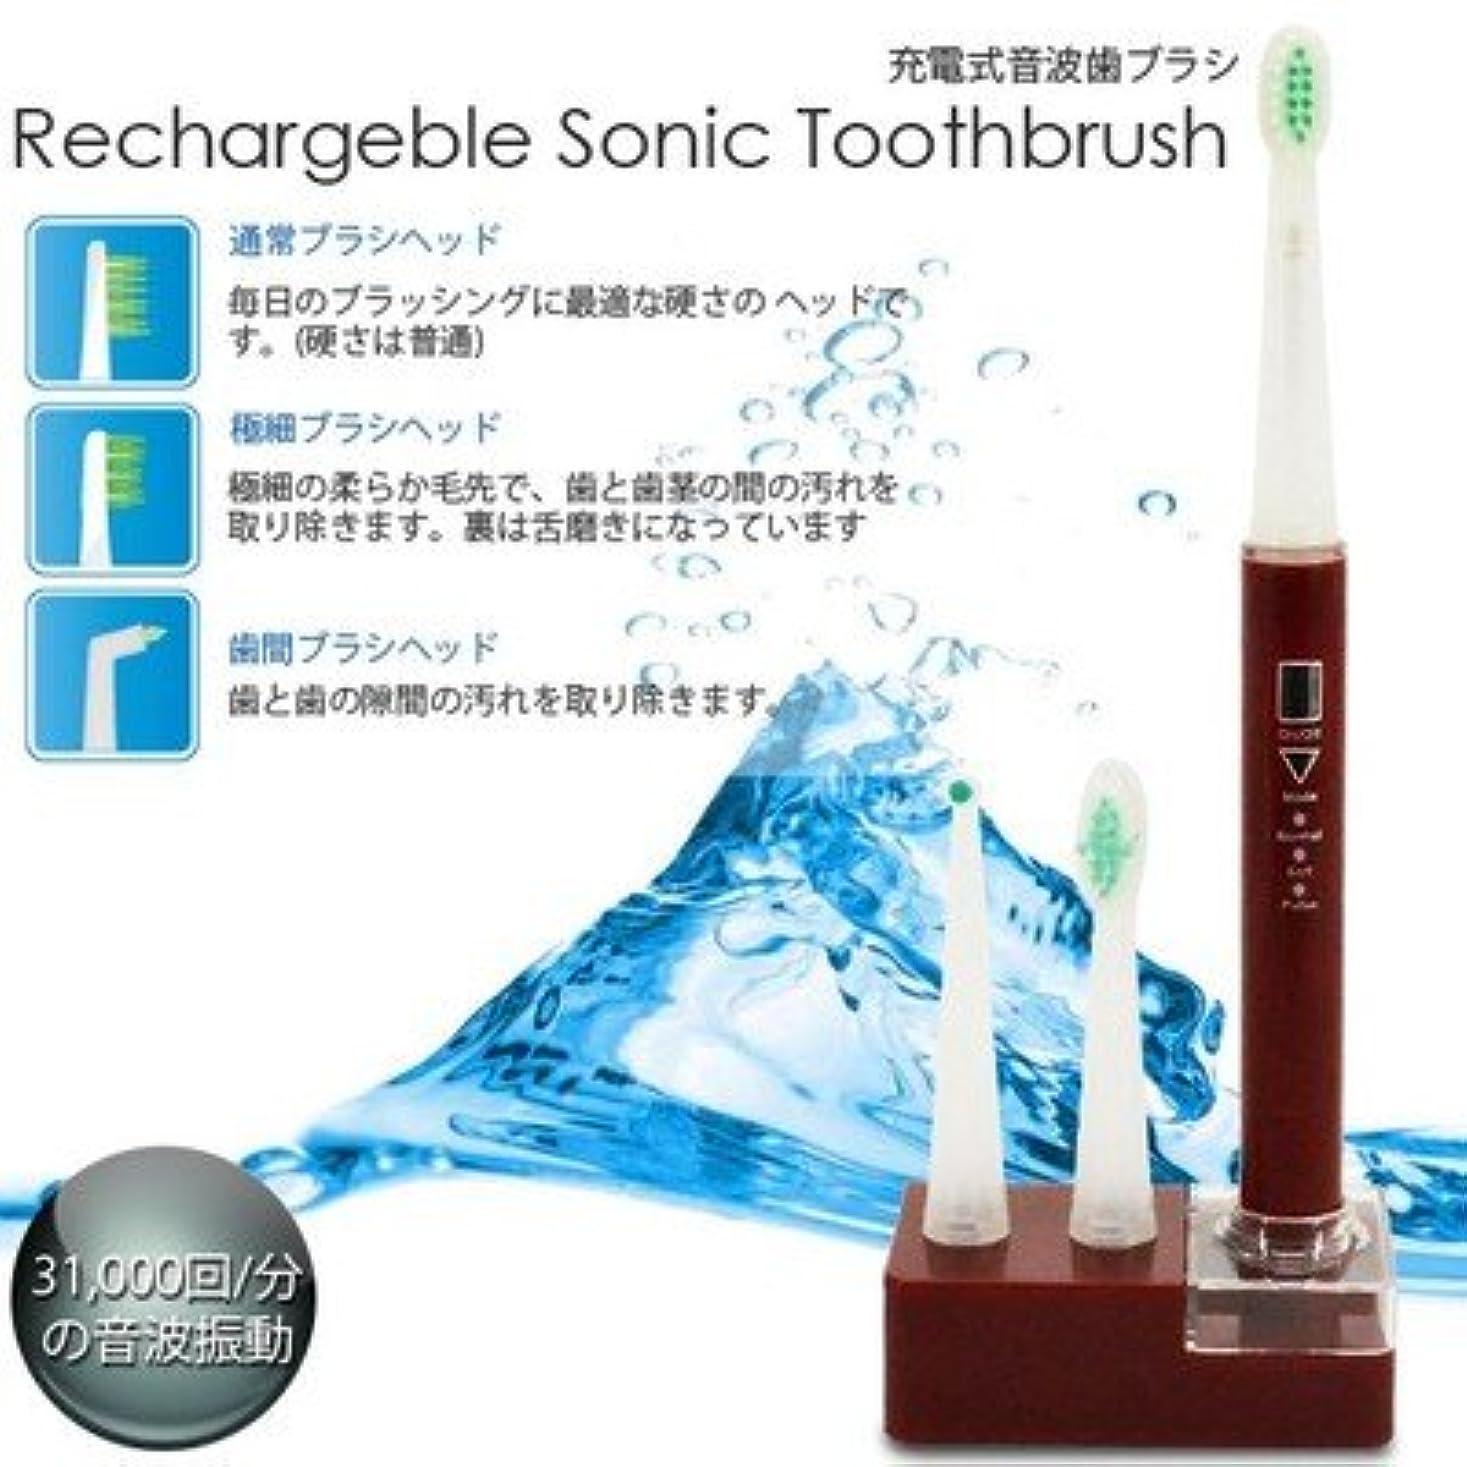 構成する獲物インスタンス美容?衛生/充電式/音波歯ブラシ/3種類/ブラシ付属/RST-2062/赤